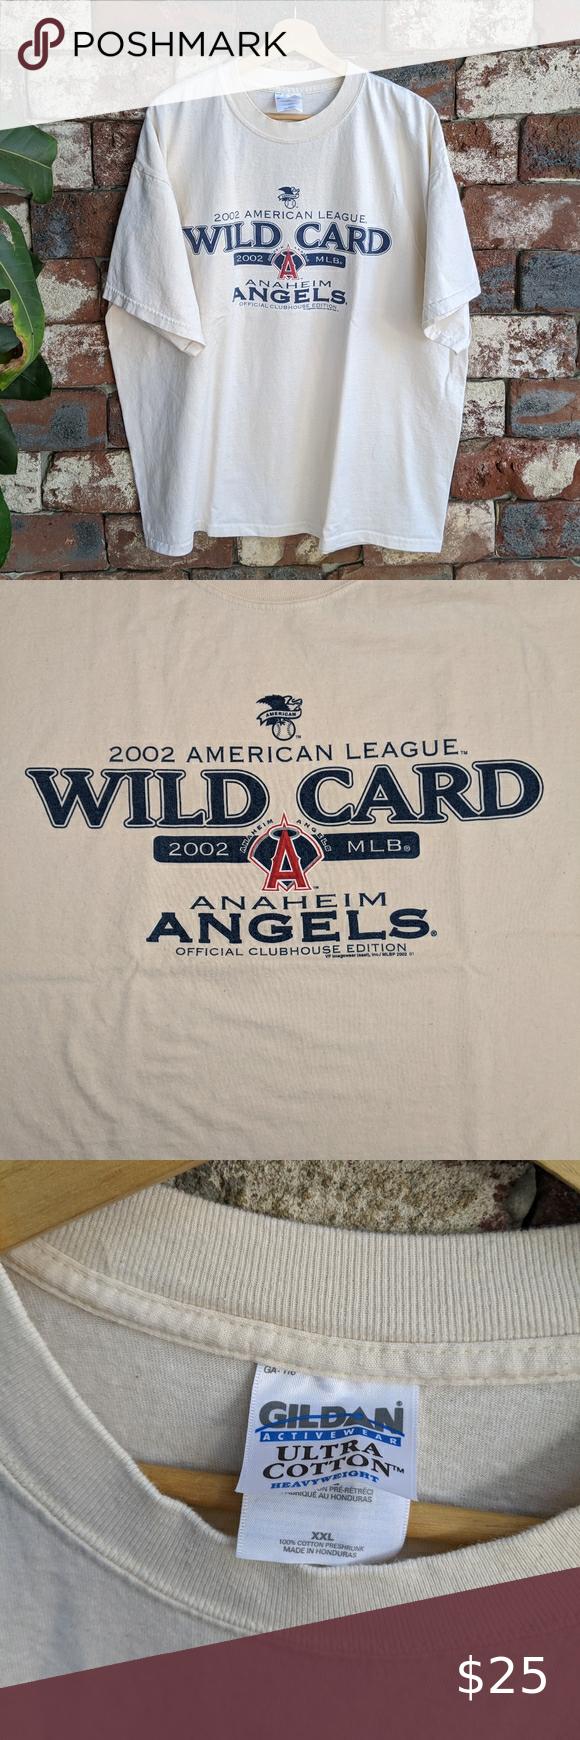 2002 Wild Card Anaheim Angels T Shirt In 2020 World Series Shirts Anaheim Angels Wild Card